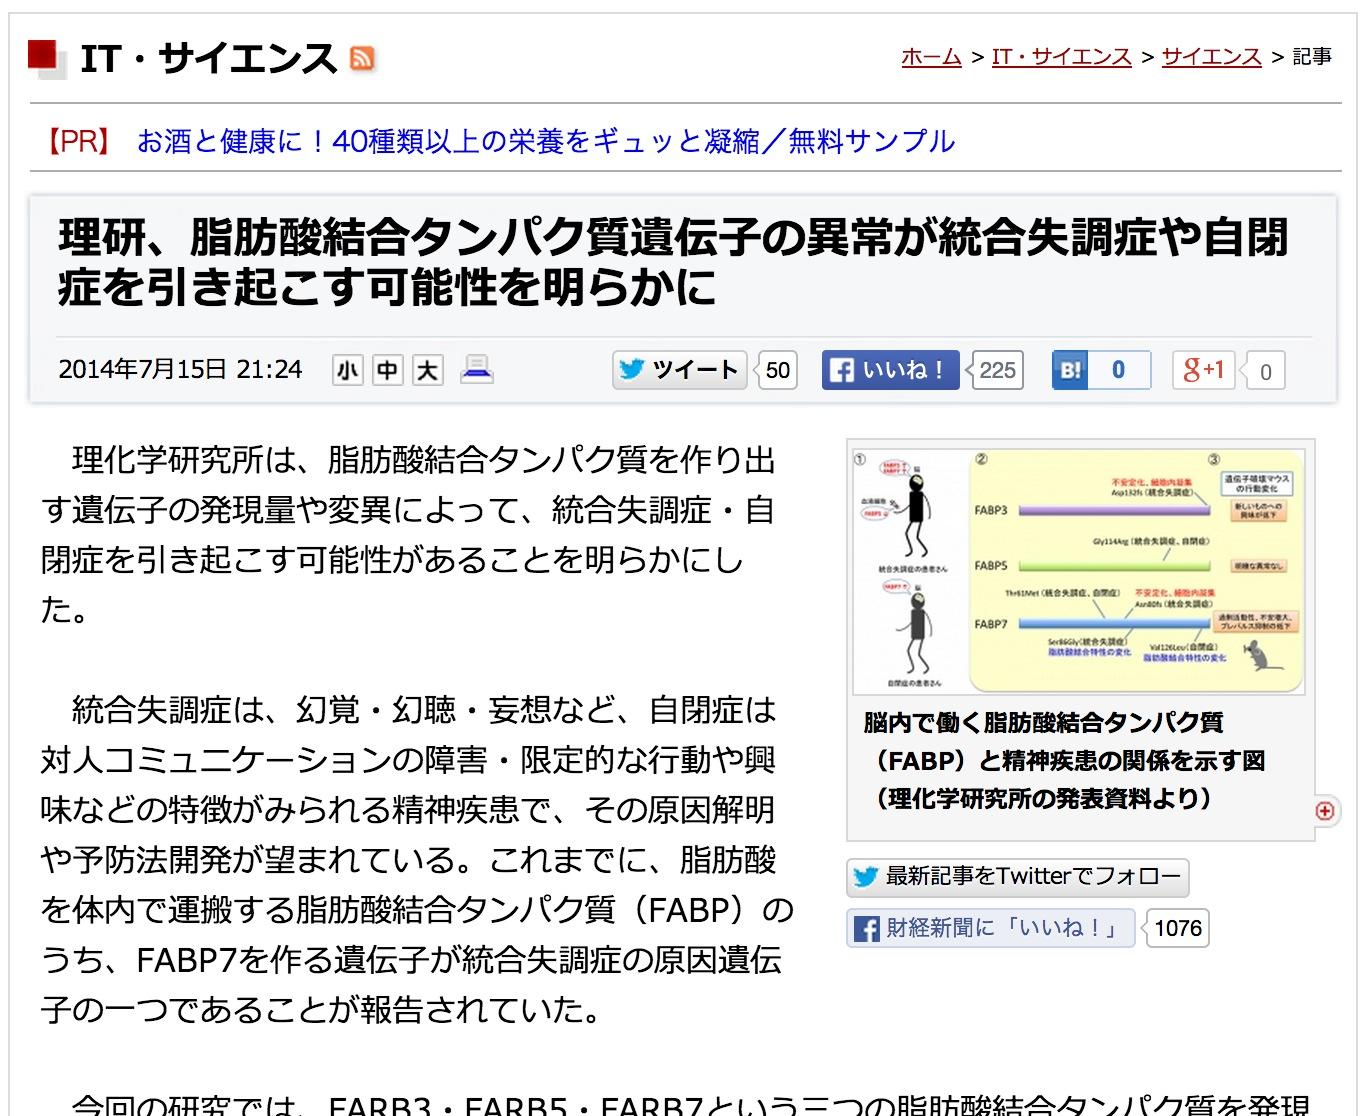 スクリーンショット 2014-08-03 7.40.06